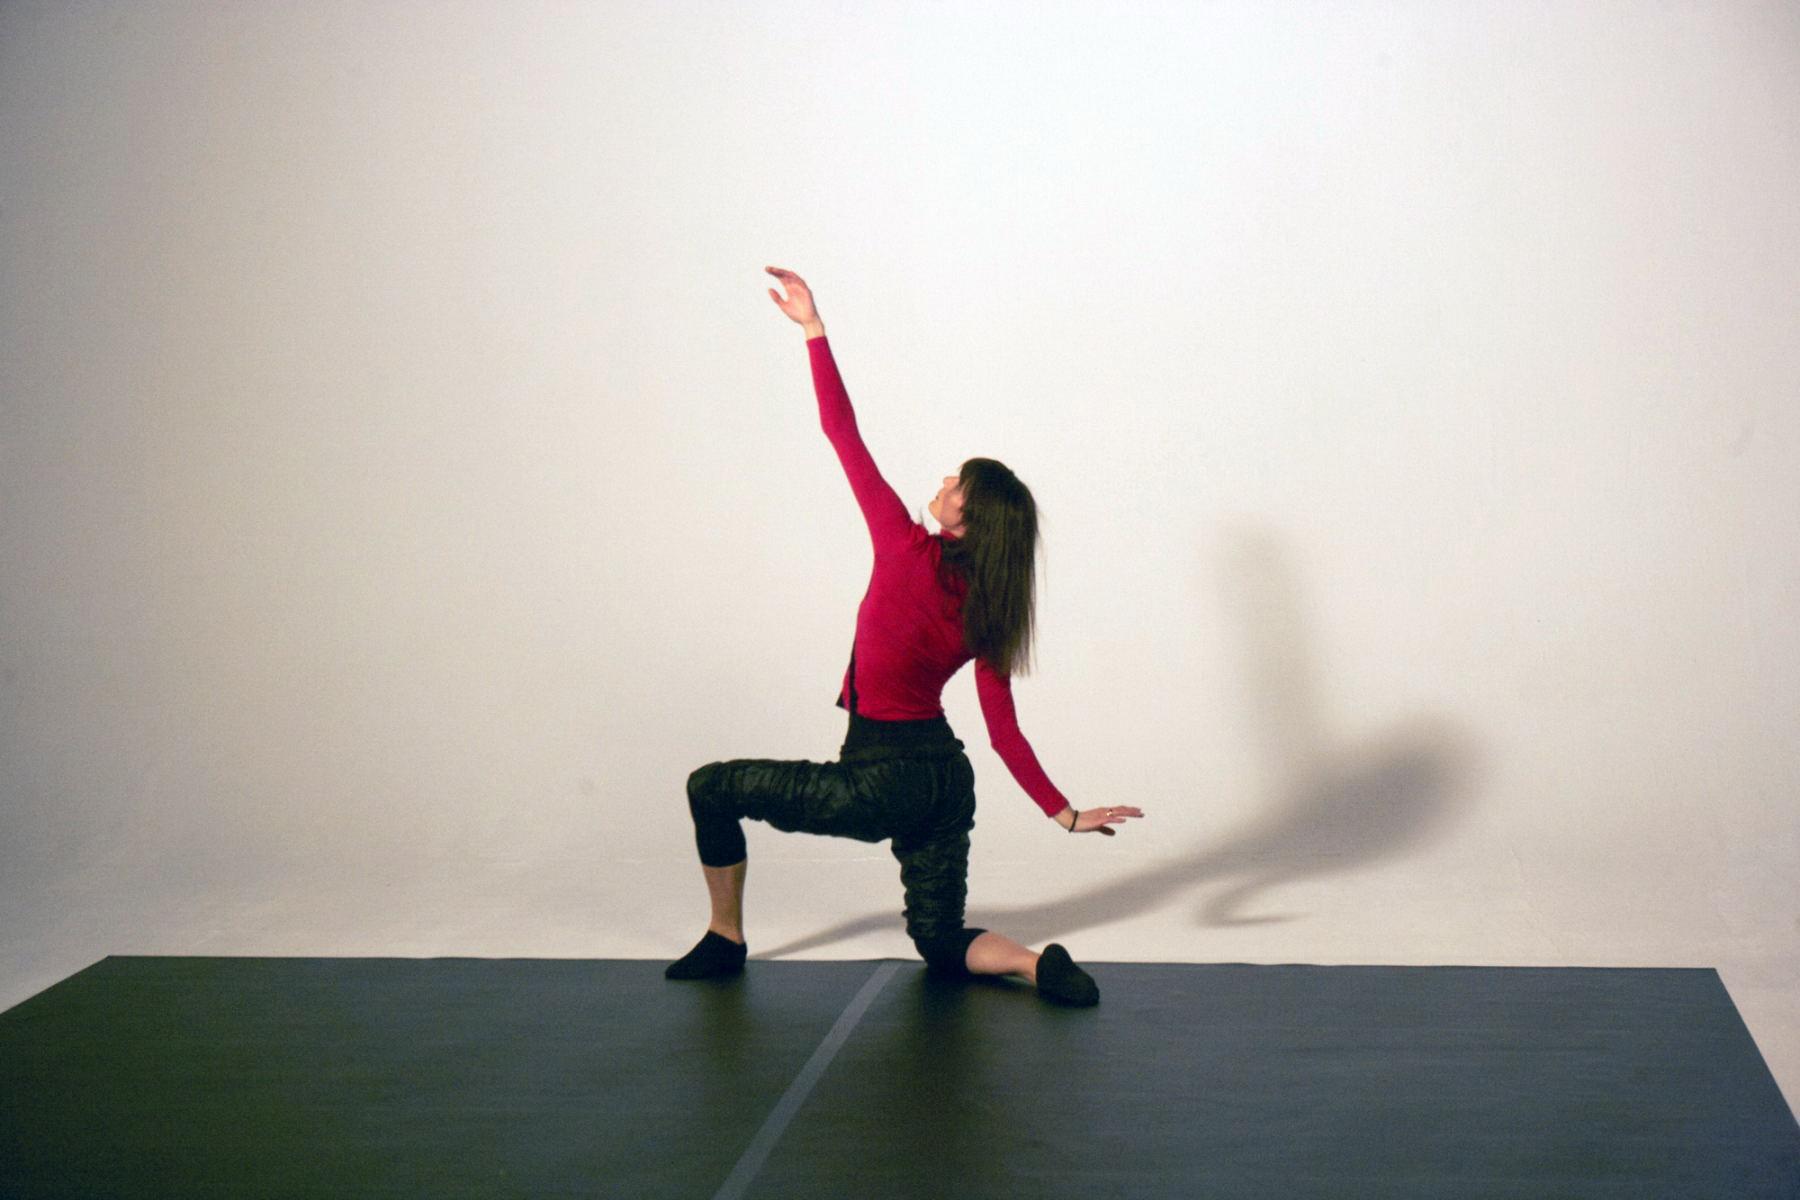 Eine Frau mit einem roten Oberteil und einer schwarzen Hose tanzt in einem Studio. Die Bilder wurden für ein freies Filmprojekt im Studio Saibou in Köln aufgenommen.